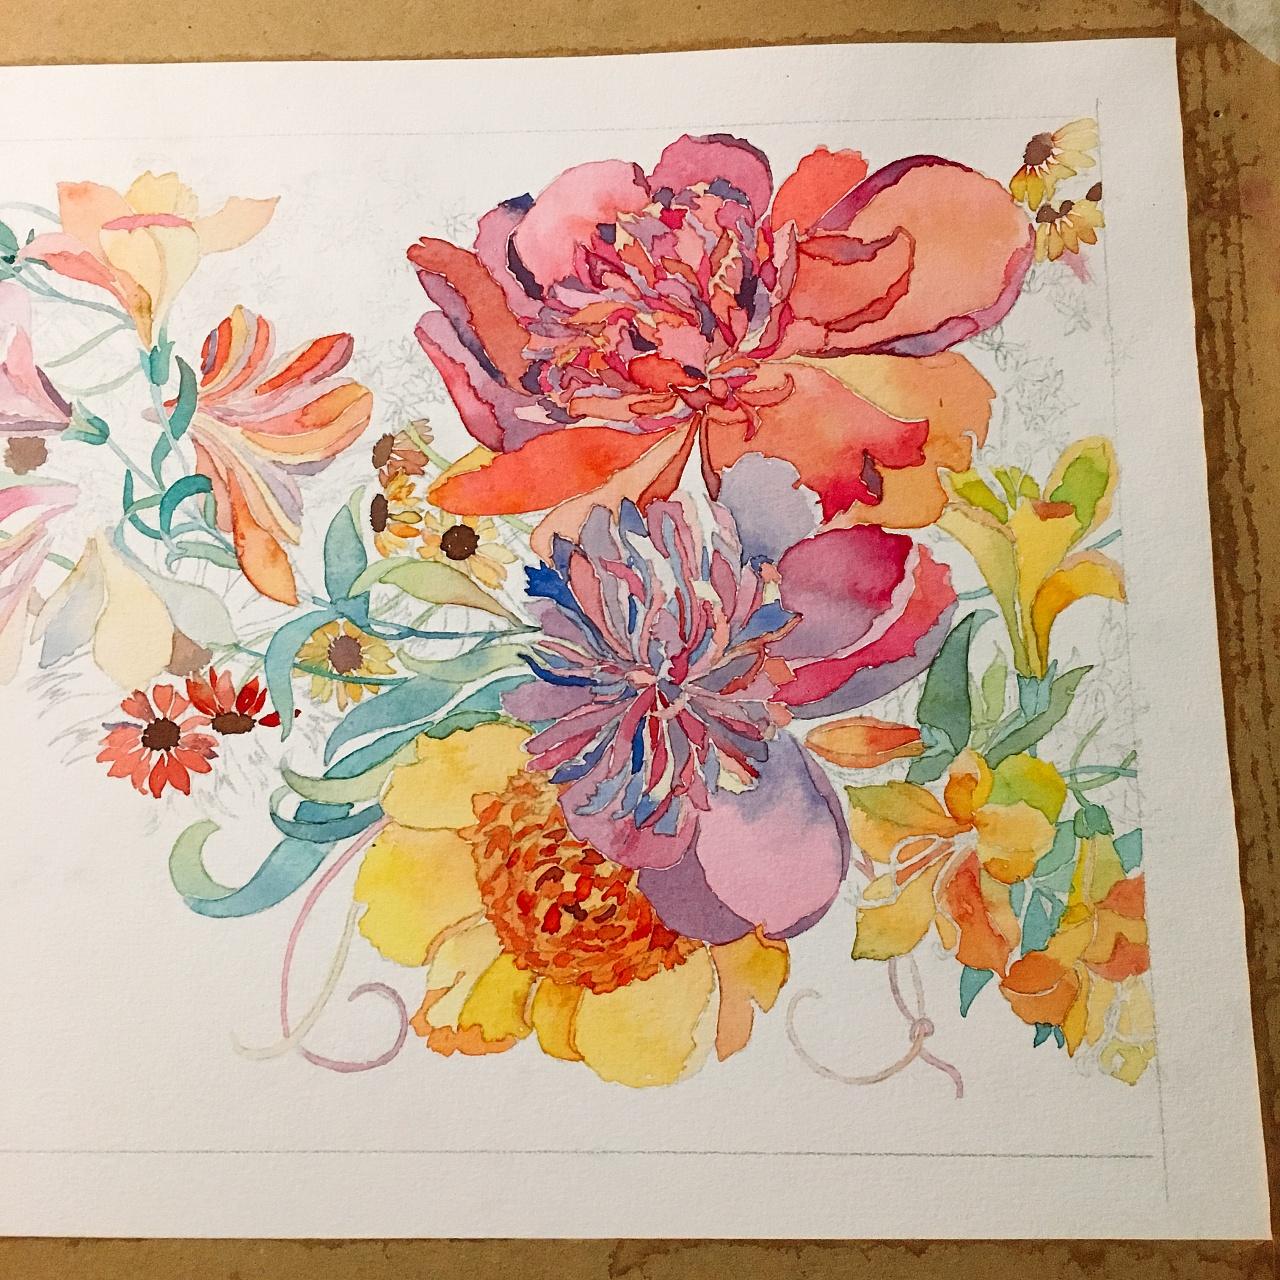 二十四节花卉手绘